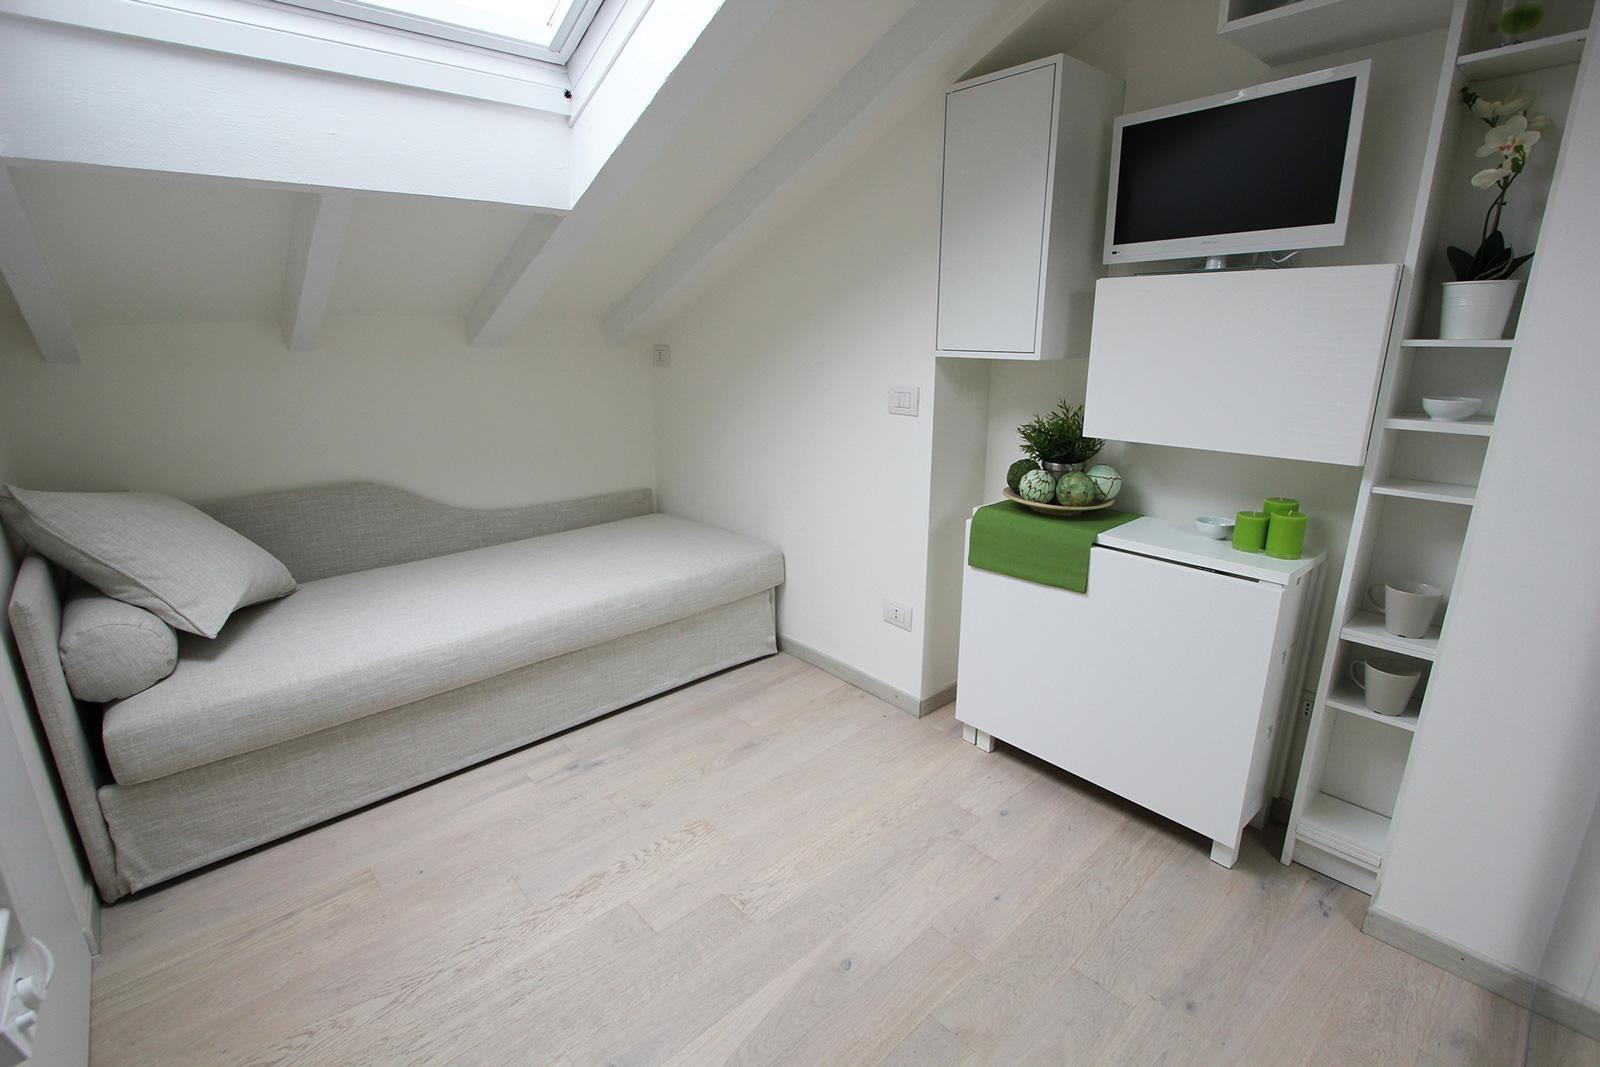 Mobili per piccoli spazi i trasformabili casa luce - Mobili per piccoli spazi ...